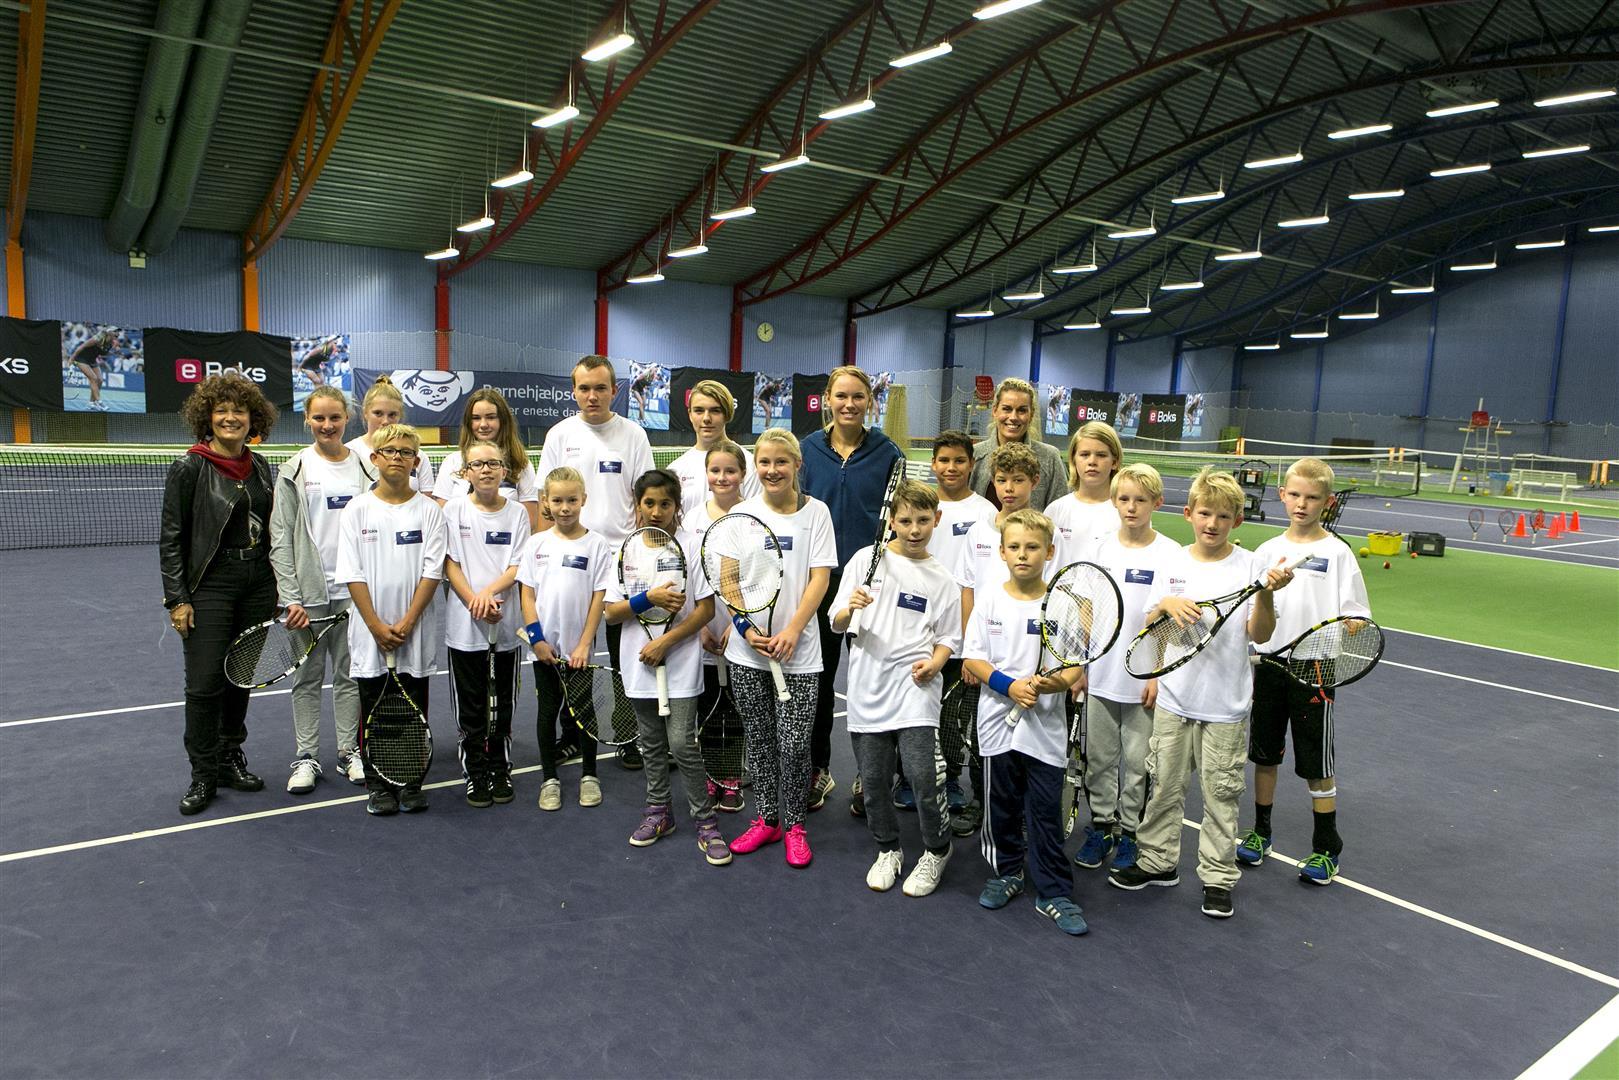 25 anbragte børn og var klar til at give den gas på tennisbanerne tirsdag eftermiddag KB-hallen sammen med verdensstjernen, Caroline Wozniacki - Foto: Kim Agersten